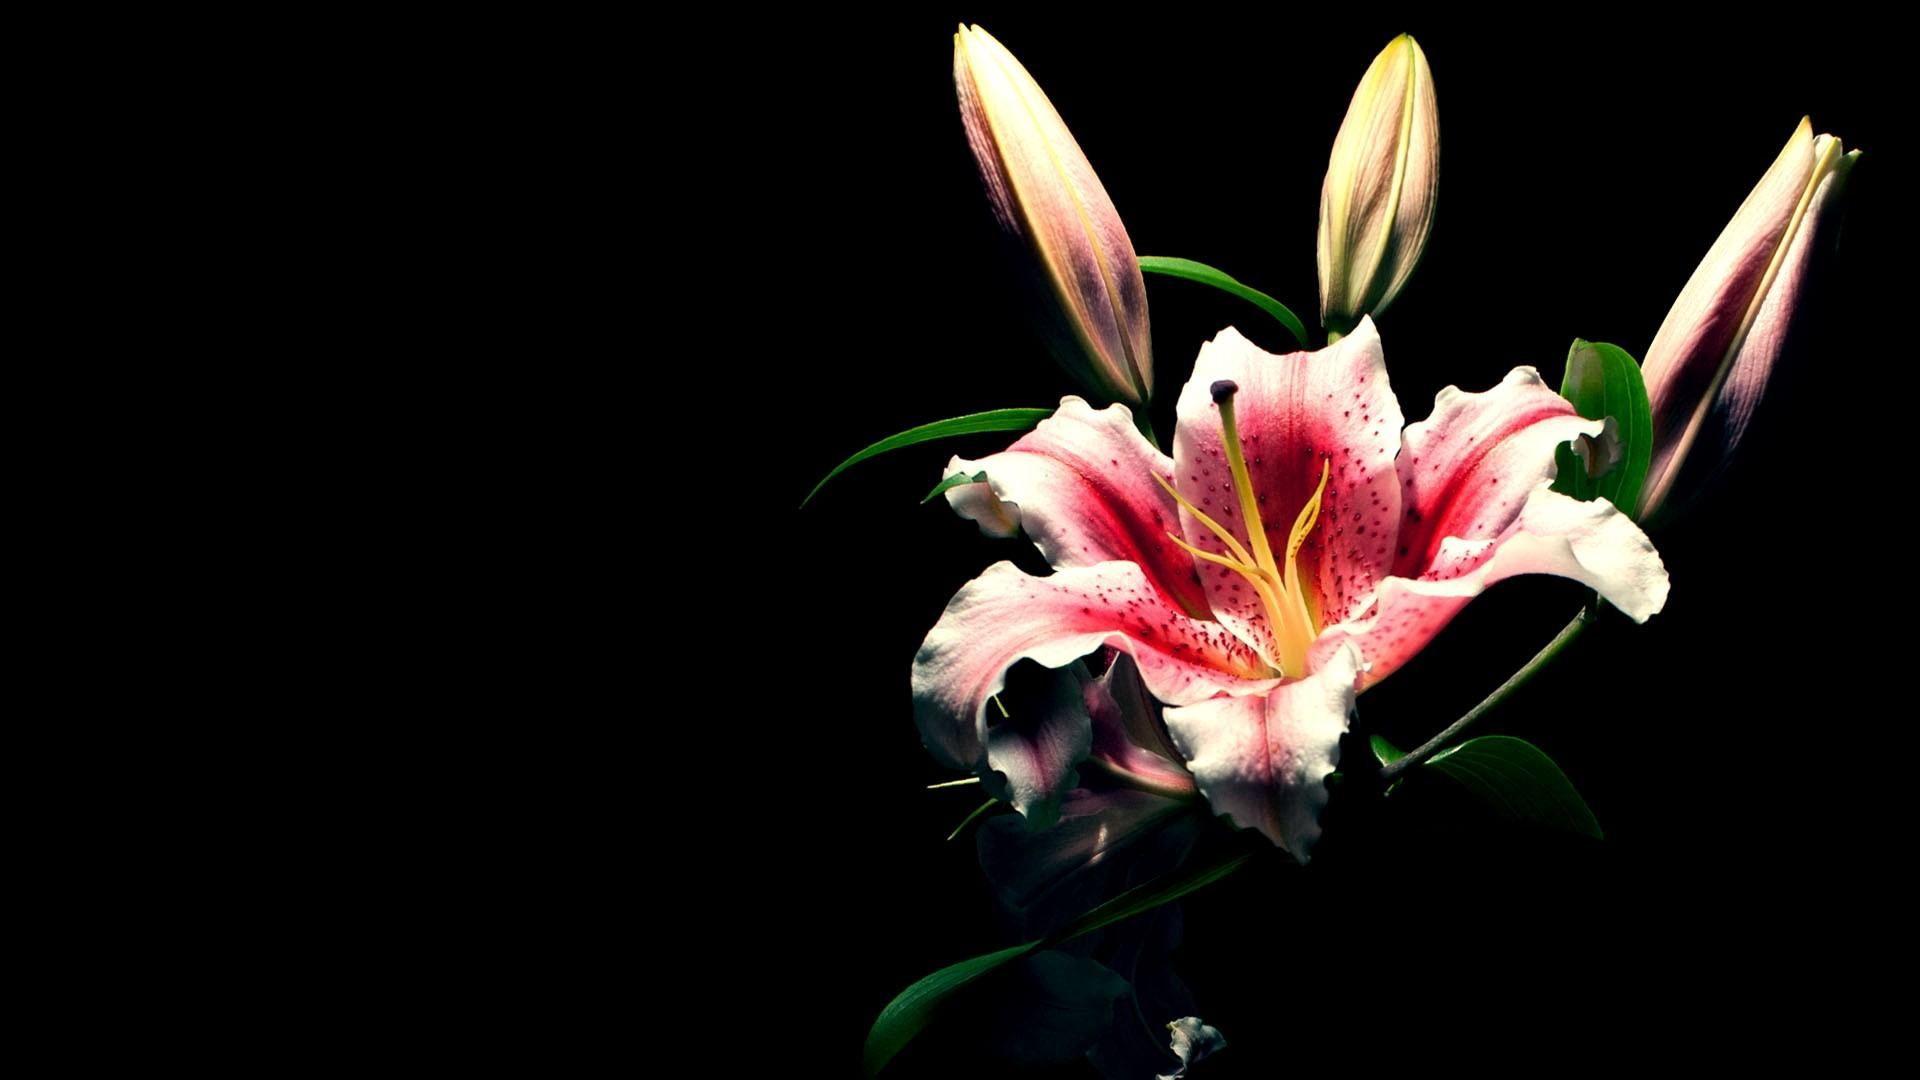 113633 Hintergrundbild herunterladen Schwarzer Hintergrund, Blumen, Blume, Knospen, Lilie, Lily - Bildschirmschoner und Bilder kostenlos